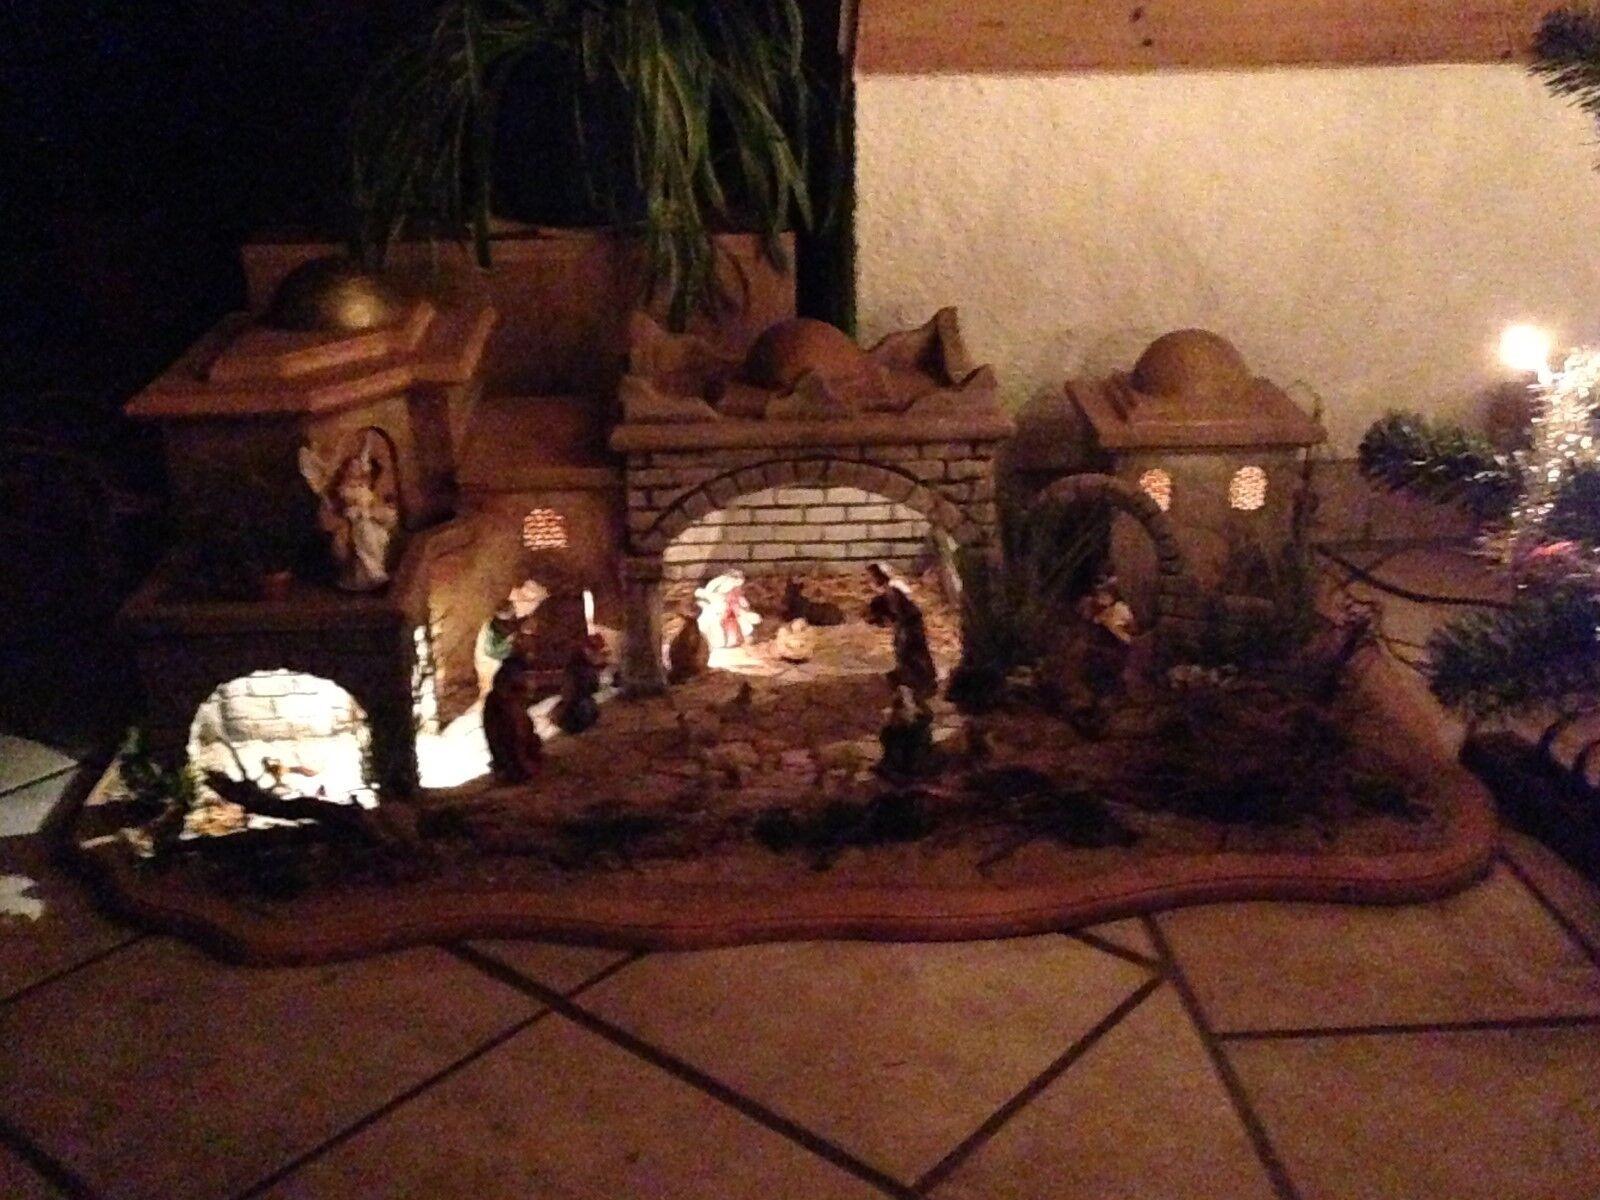 XXL Krippe  Handarbeit  mit mit mit Beleuchtung  Holz  Natur  LAST MINUTE ANGEBOT fd53d2